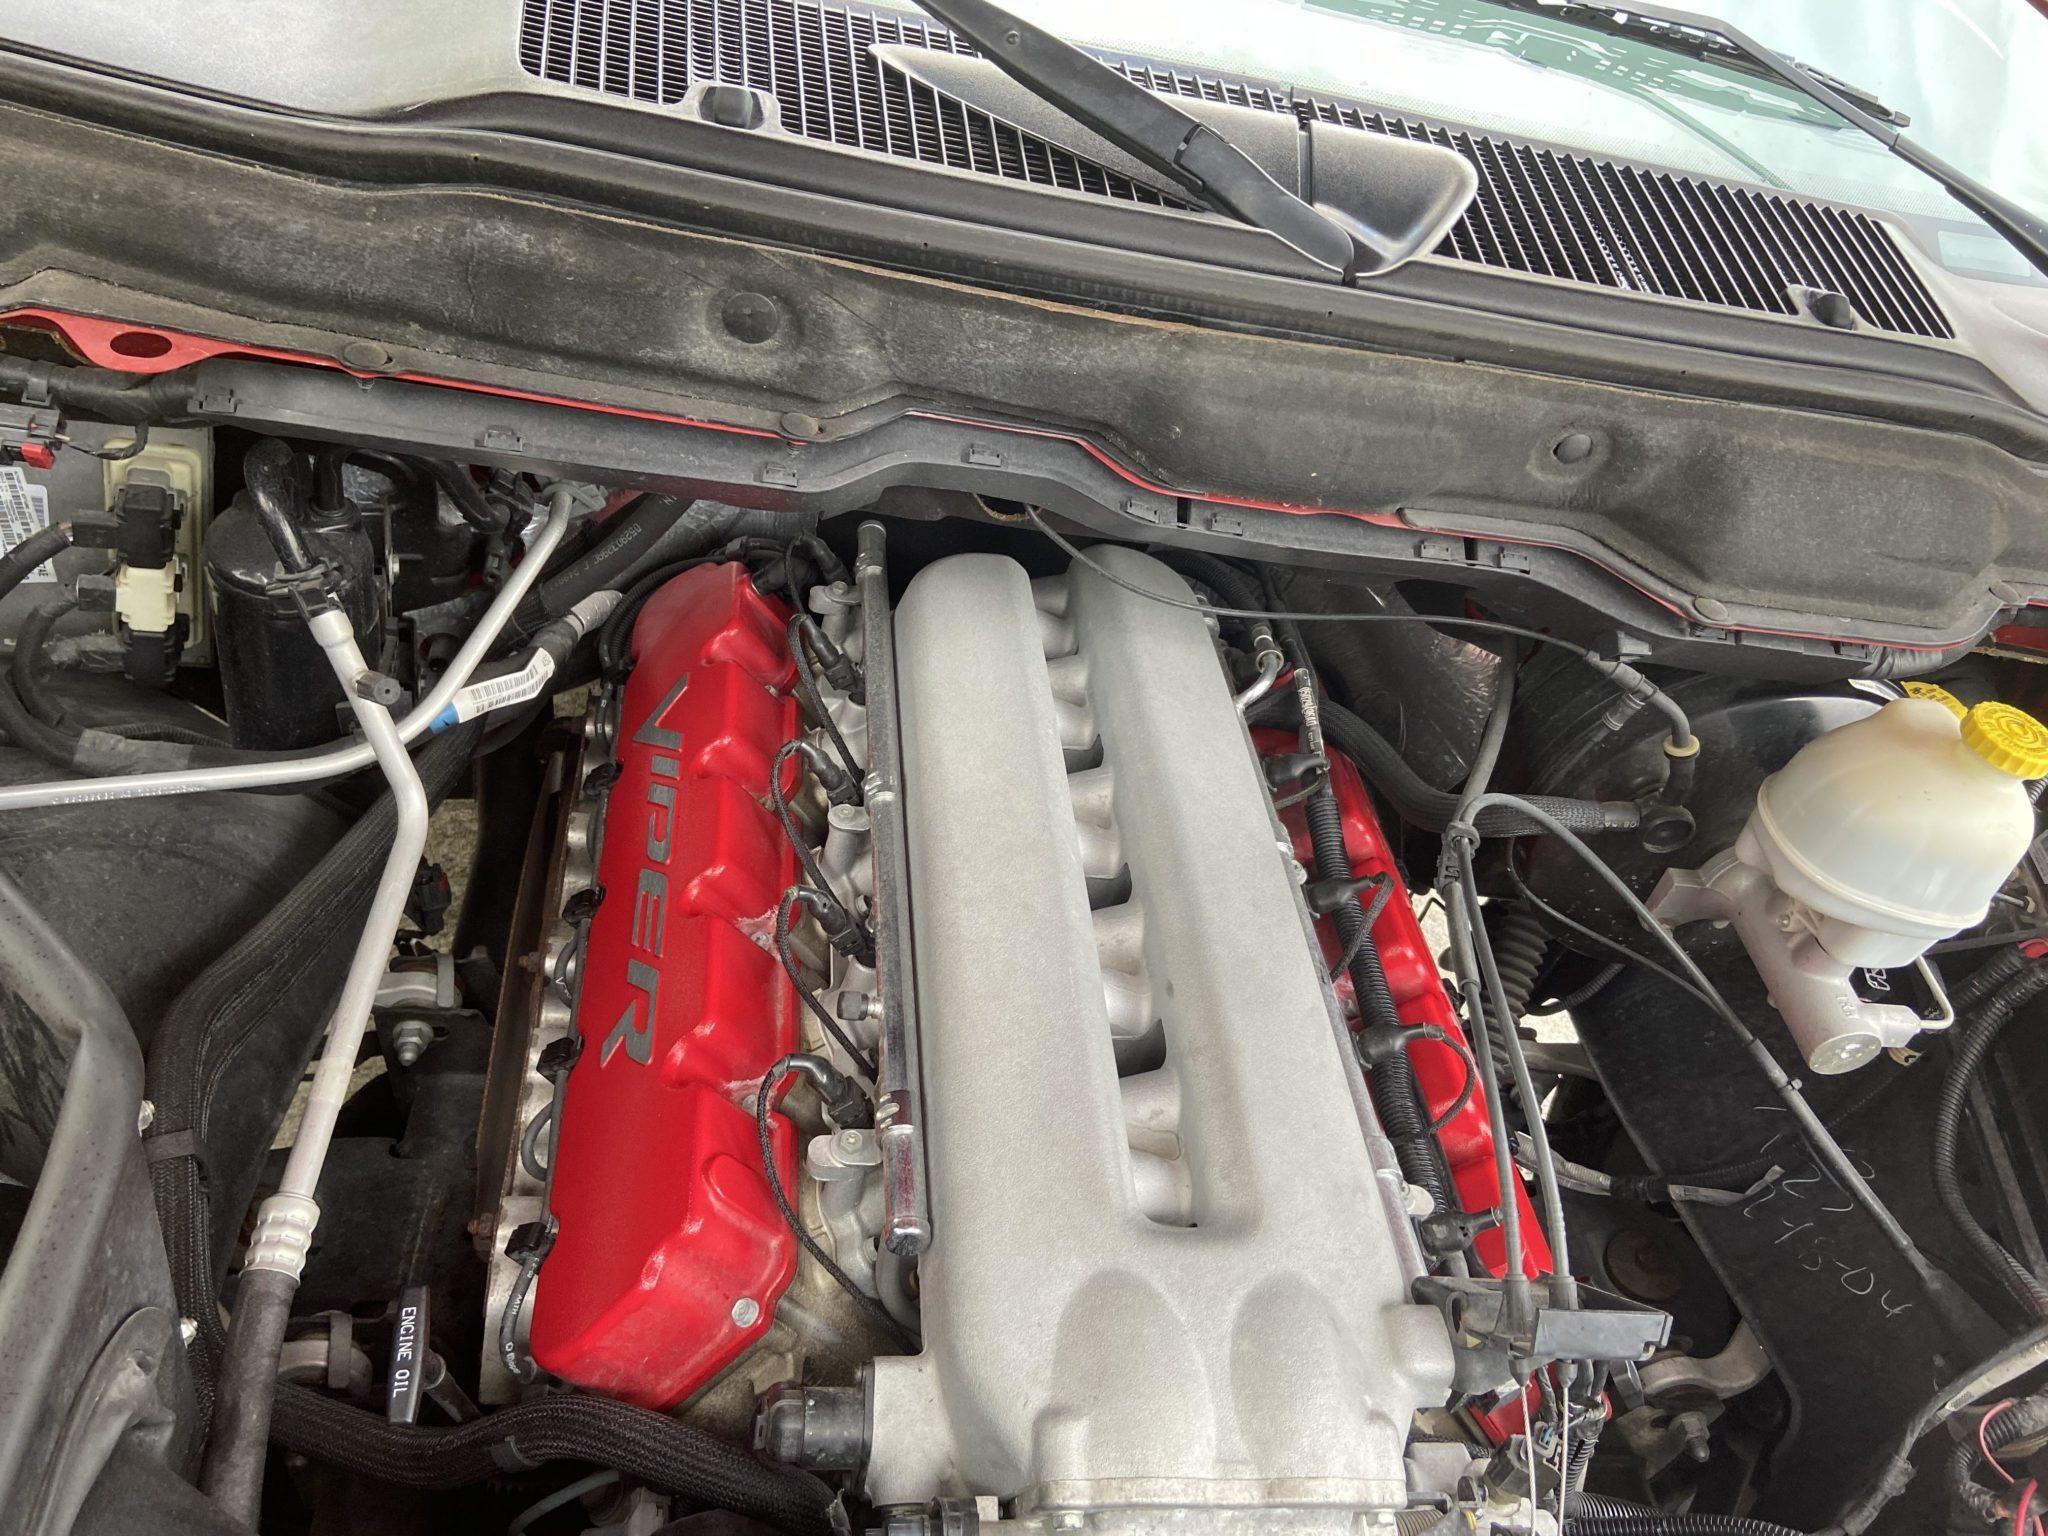 2004 Dodge Ram Srt 10 Viper Truck Sells For 22k